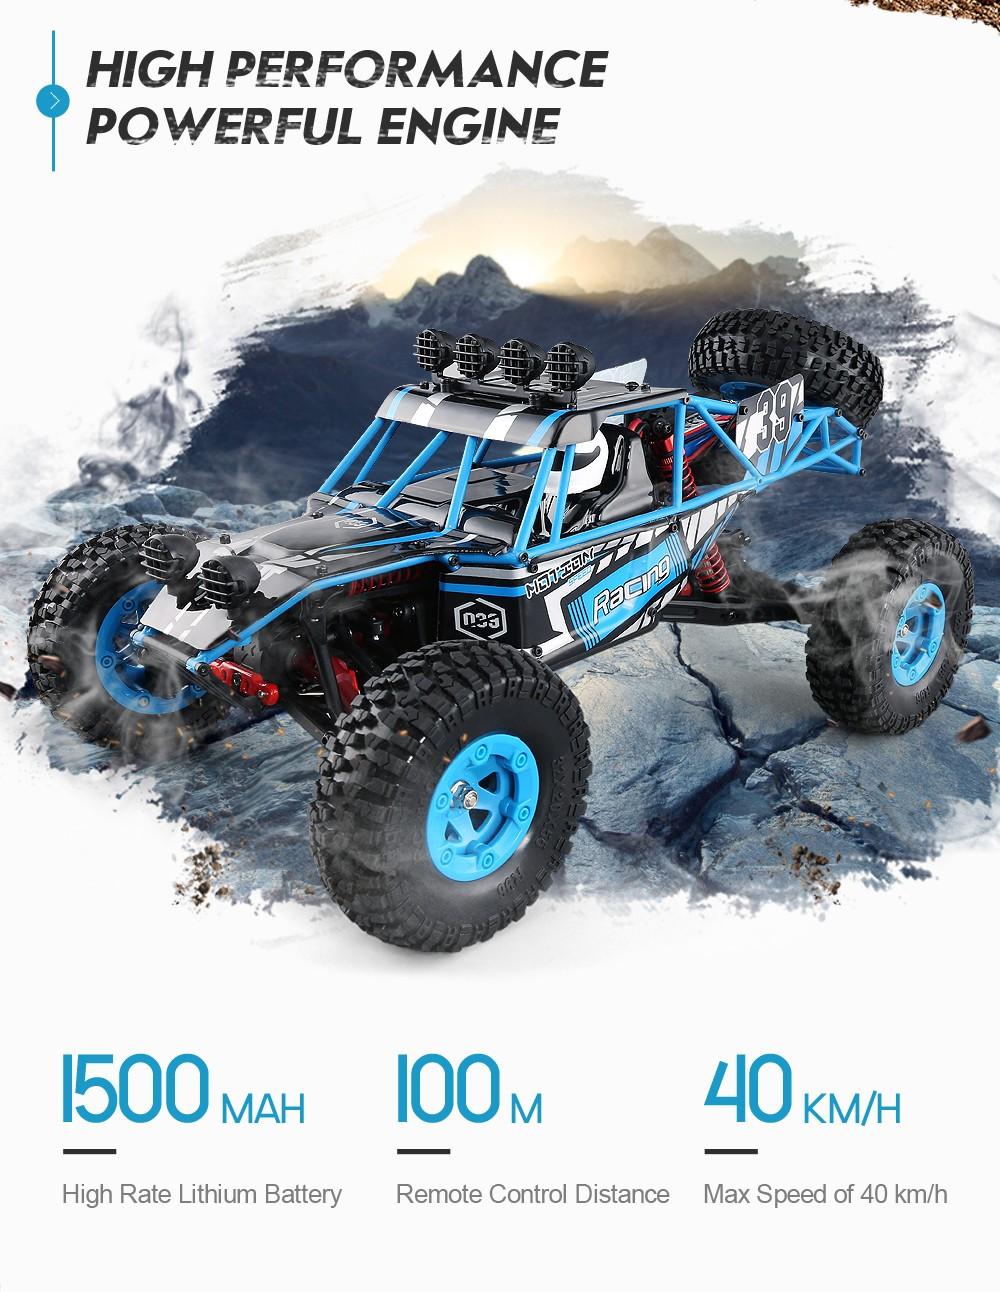 JJRC Q39 HIGHLANDER 1:12 4WD